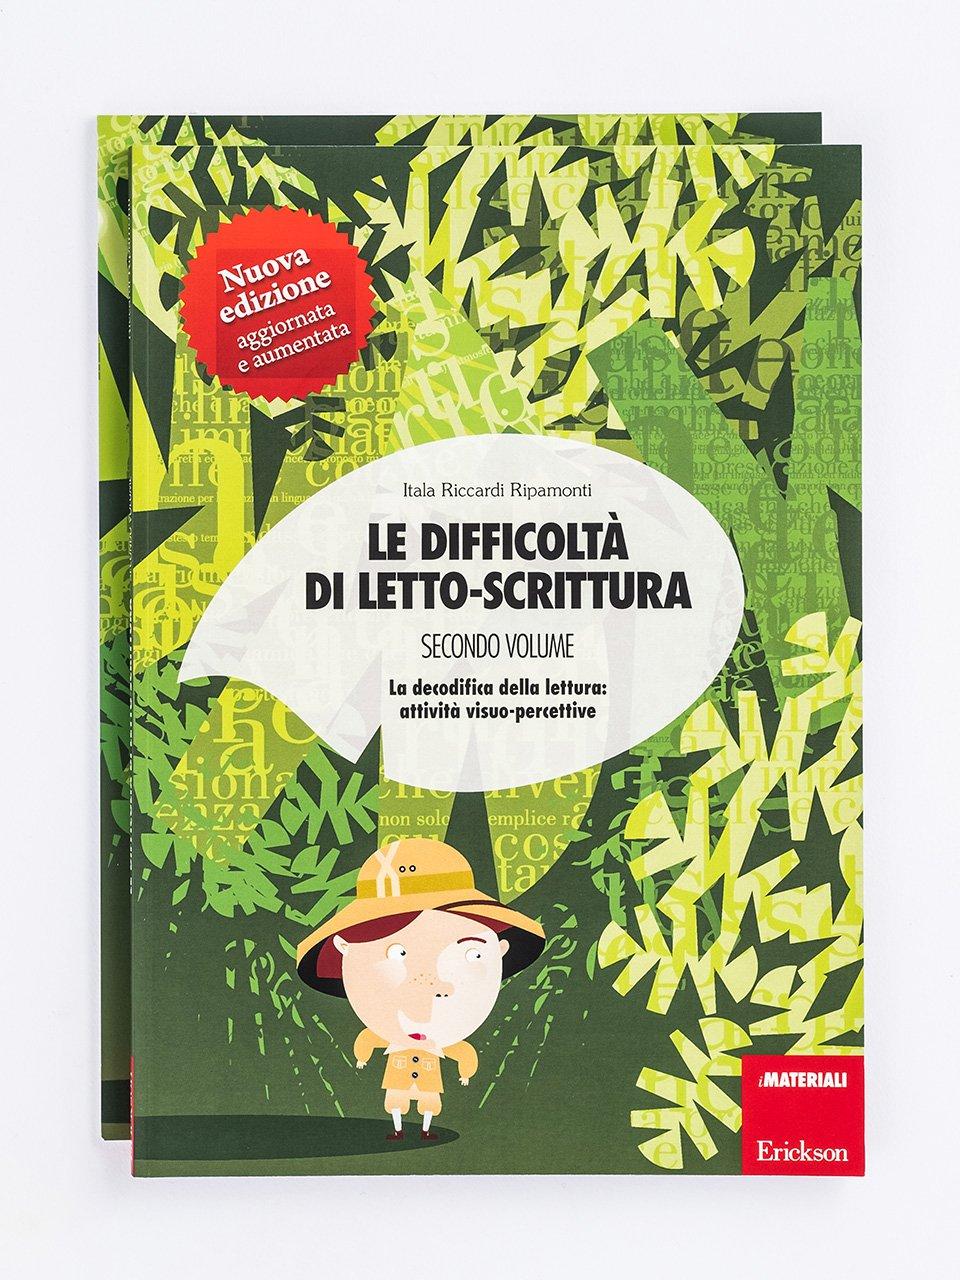 Le difficoltà di letto-scrittura - Volume 2 - Libri - Strumenti - Erickson